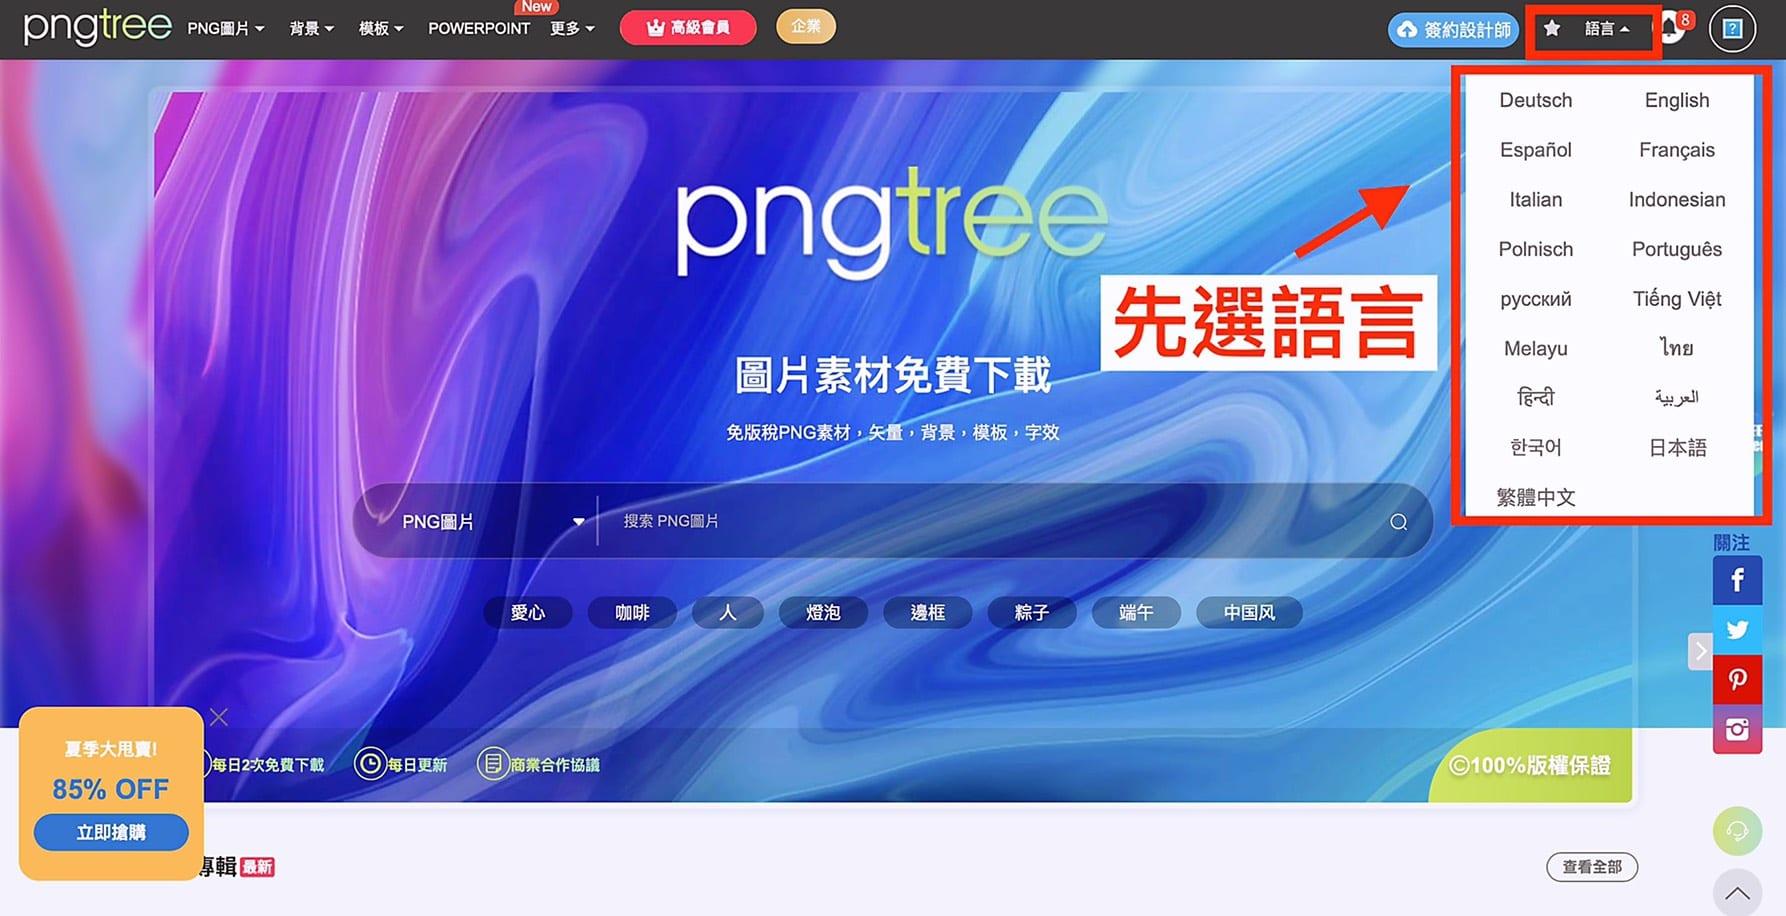 pngtree.com